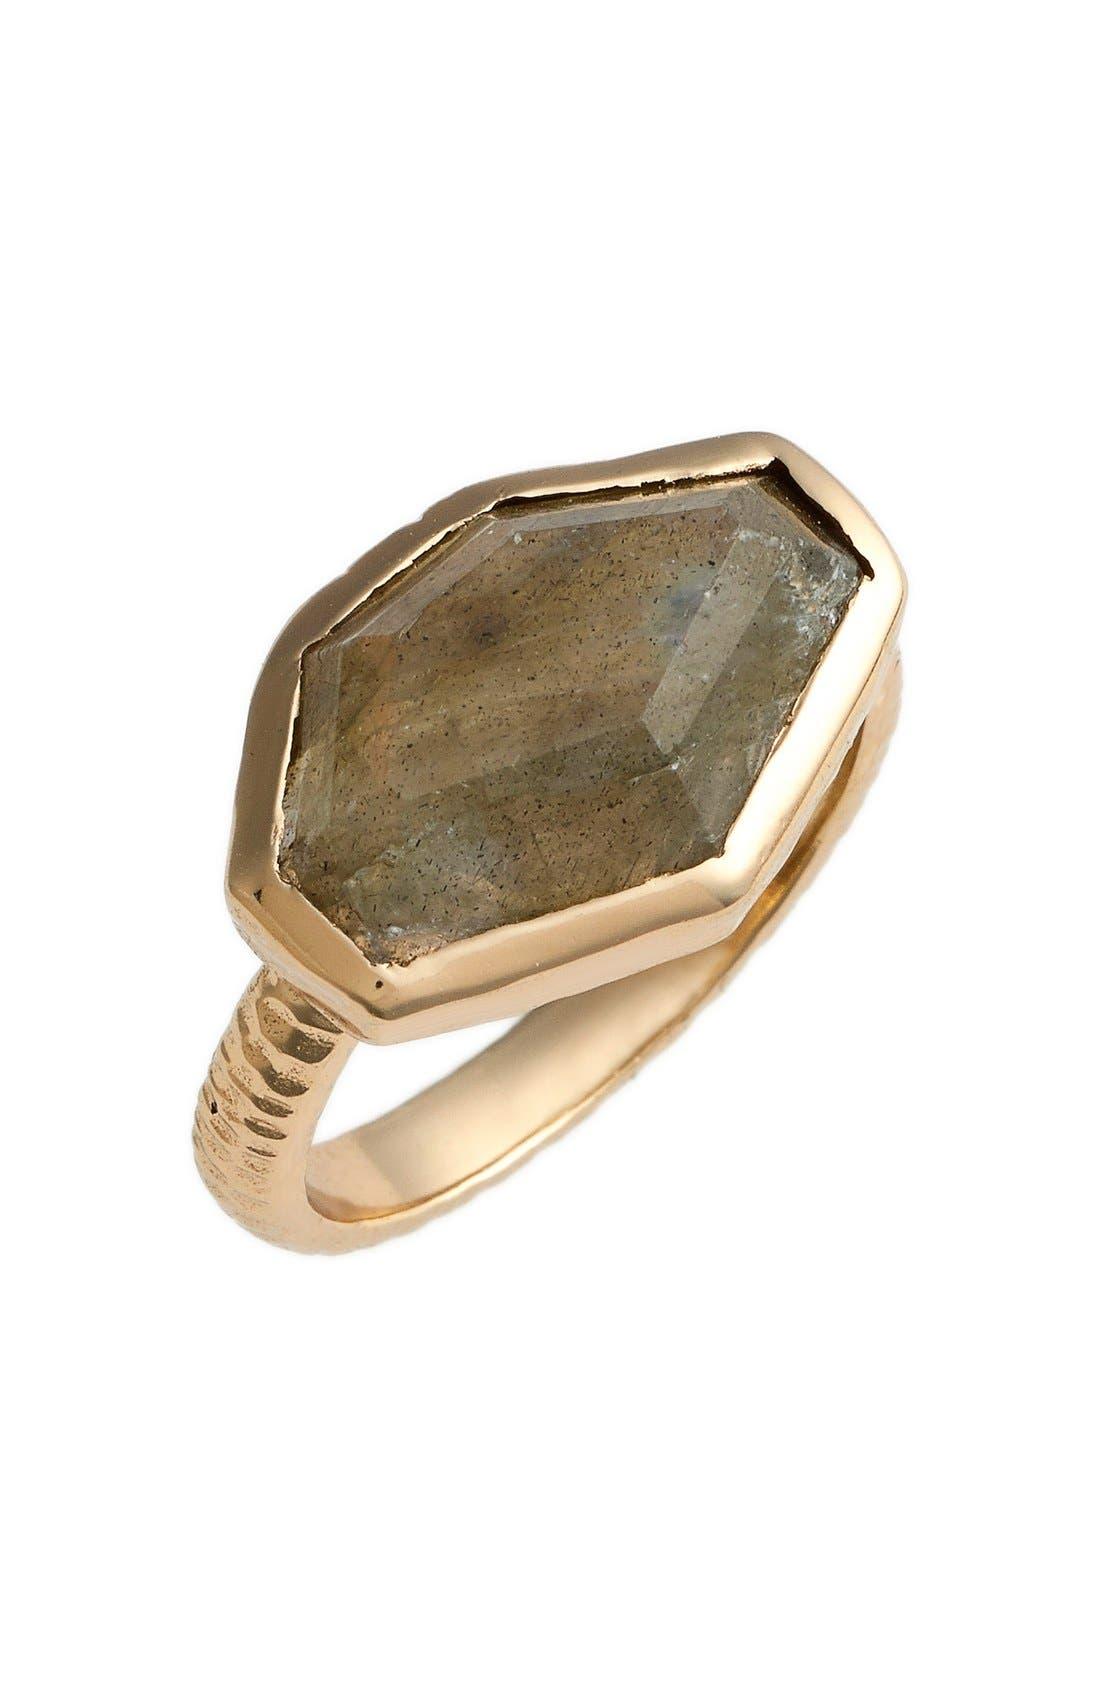 Main Image - Melinda Maria 'Slice' Stone Ring